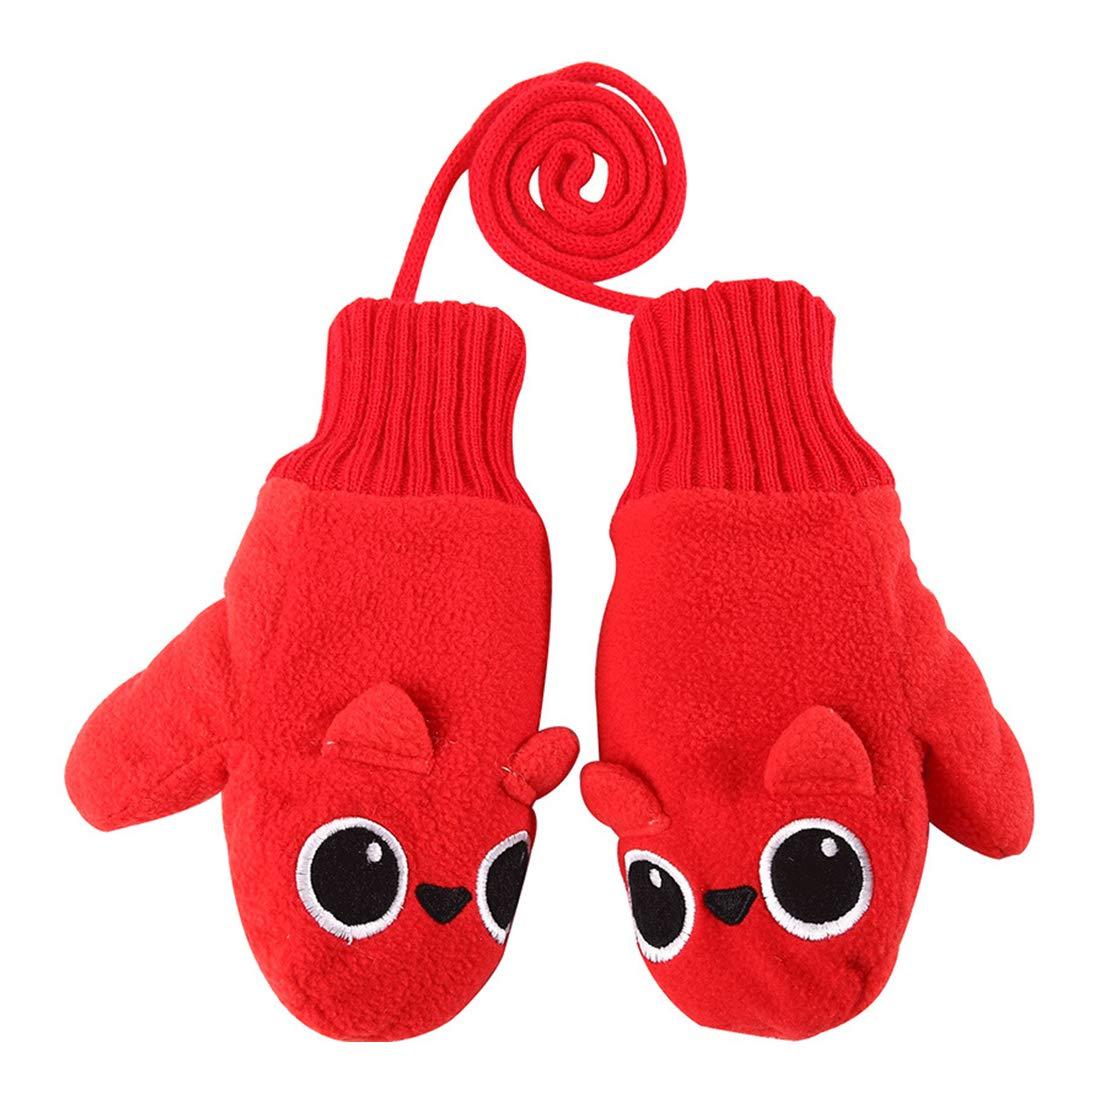 VIVO SUN Gants d Hiver pour Enfants Moufles Fille Garçon Bébé Gants Chauds  en Polaire 777c06cd2c28